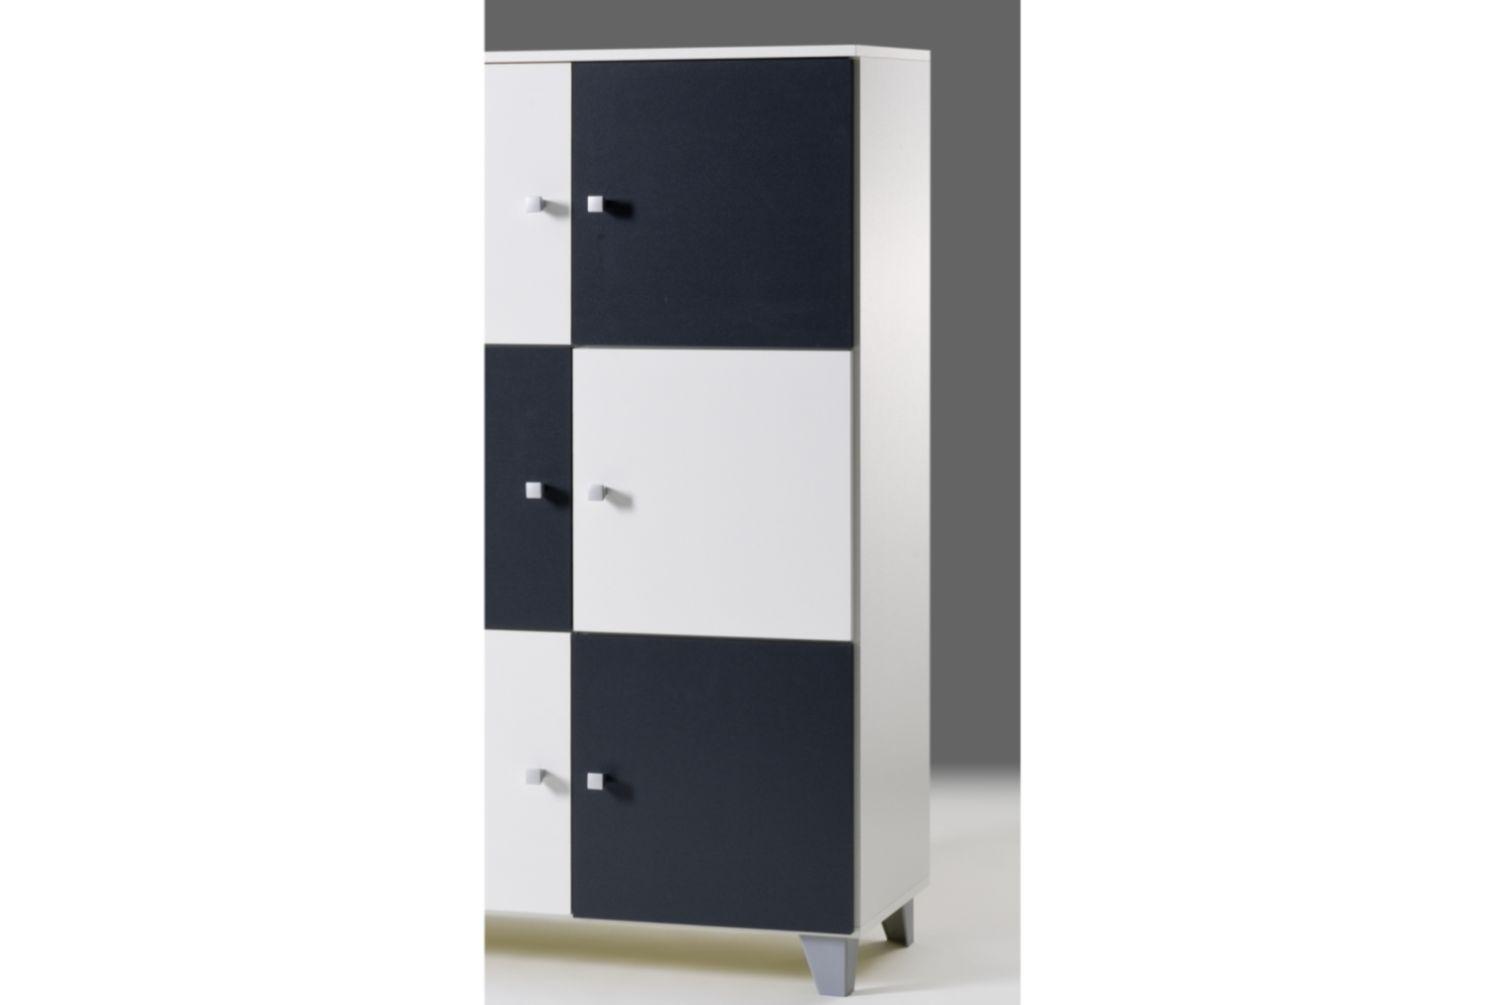 Kommode schrank highboard sideboard neu standschrank for Dekorfolie schrank